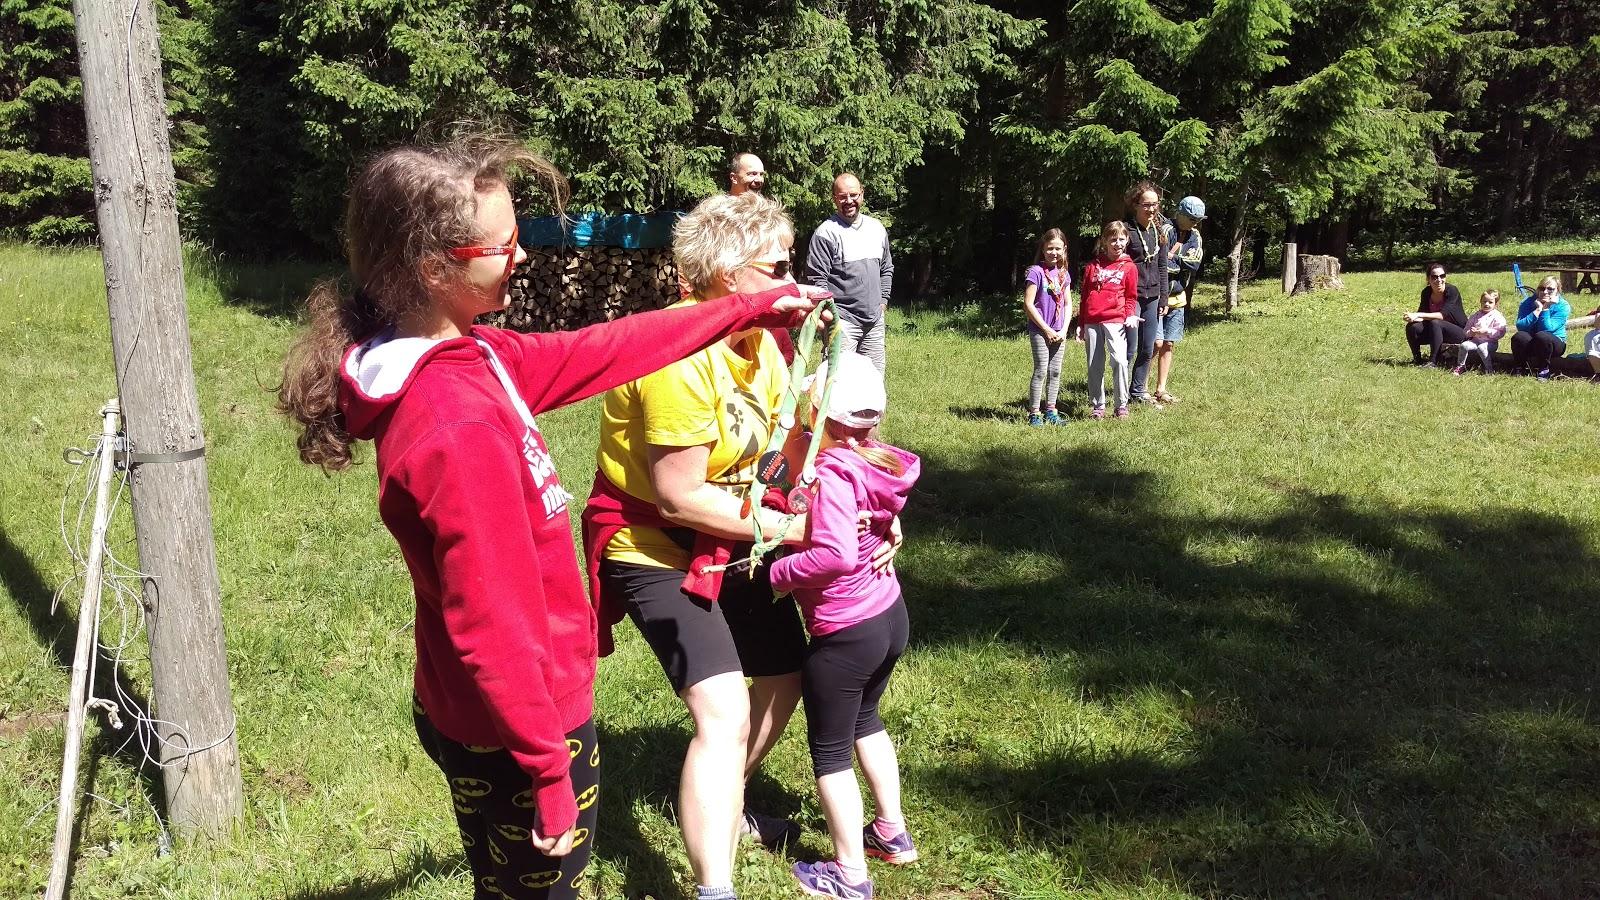 Piknik s starši 2015, Črni dol, 21. 6. 2015 - IMAG0179.jpg